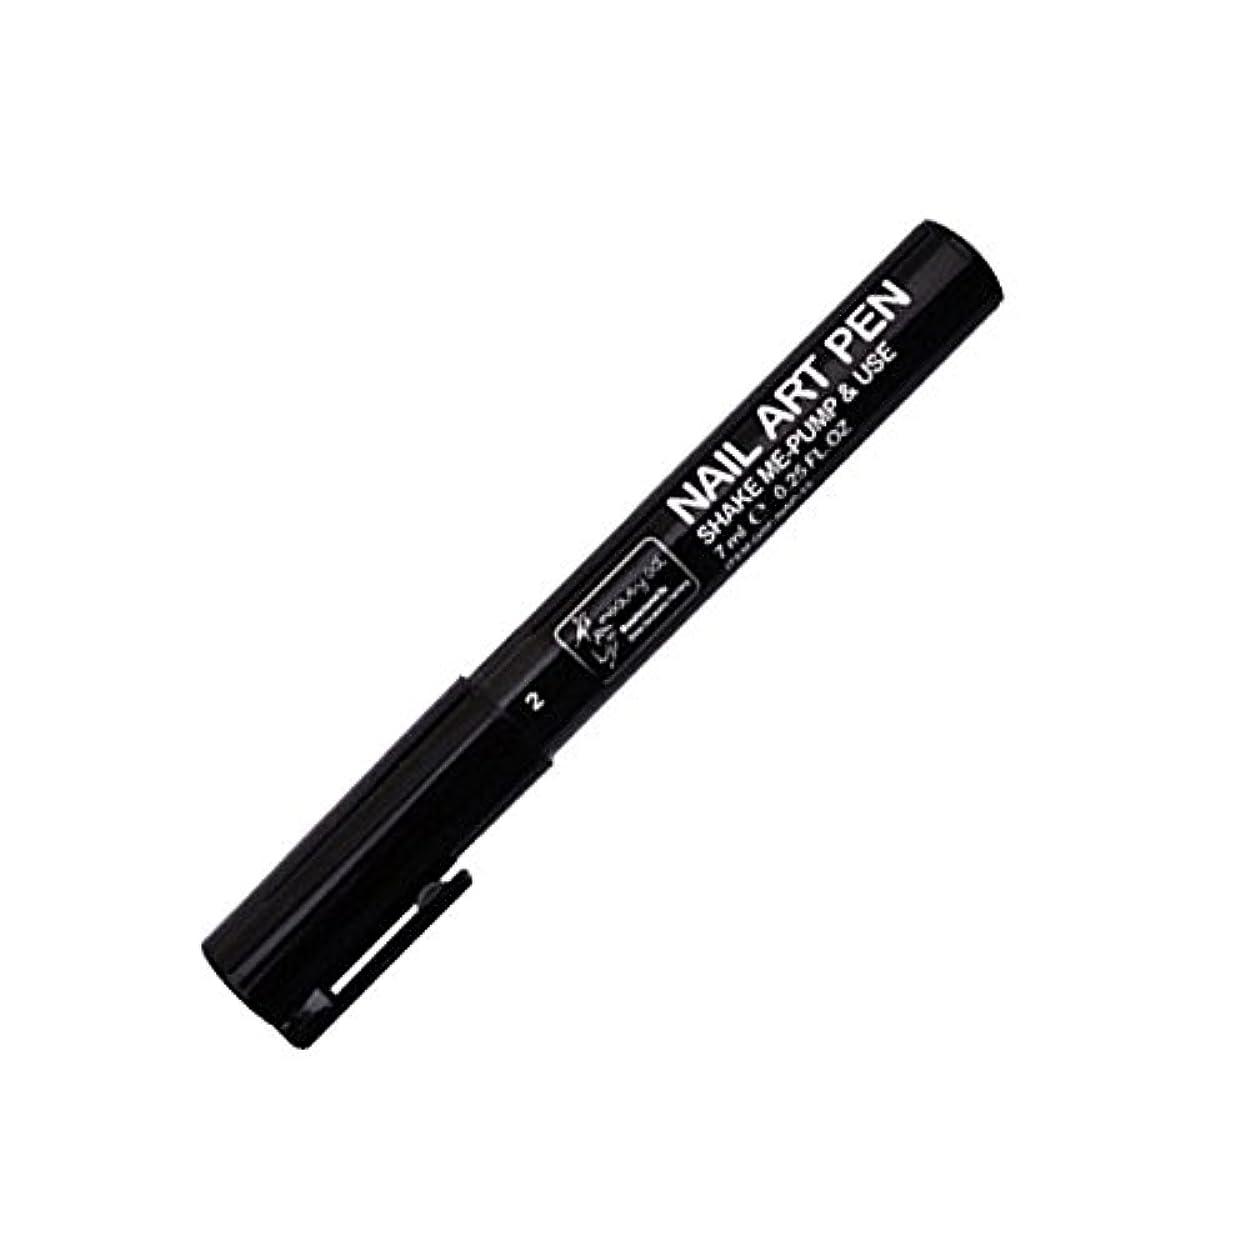 是正エレベーター珍味STARDUST ネイルアートペン 全16色 セルフネイル フレンチ マニキュア ペン 3Dネイル ペイント メイク 美容用品 (2.ブラック) SD-NAILPEN-2